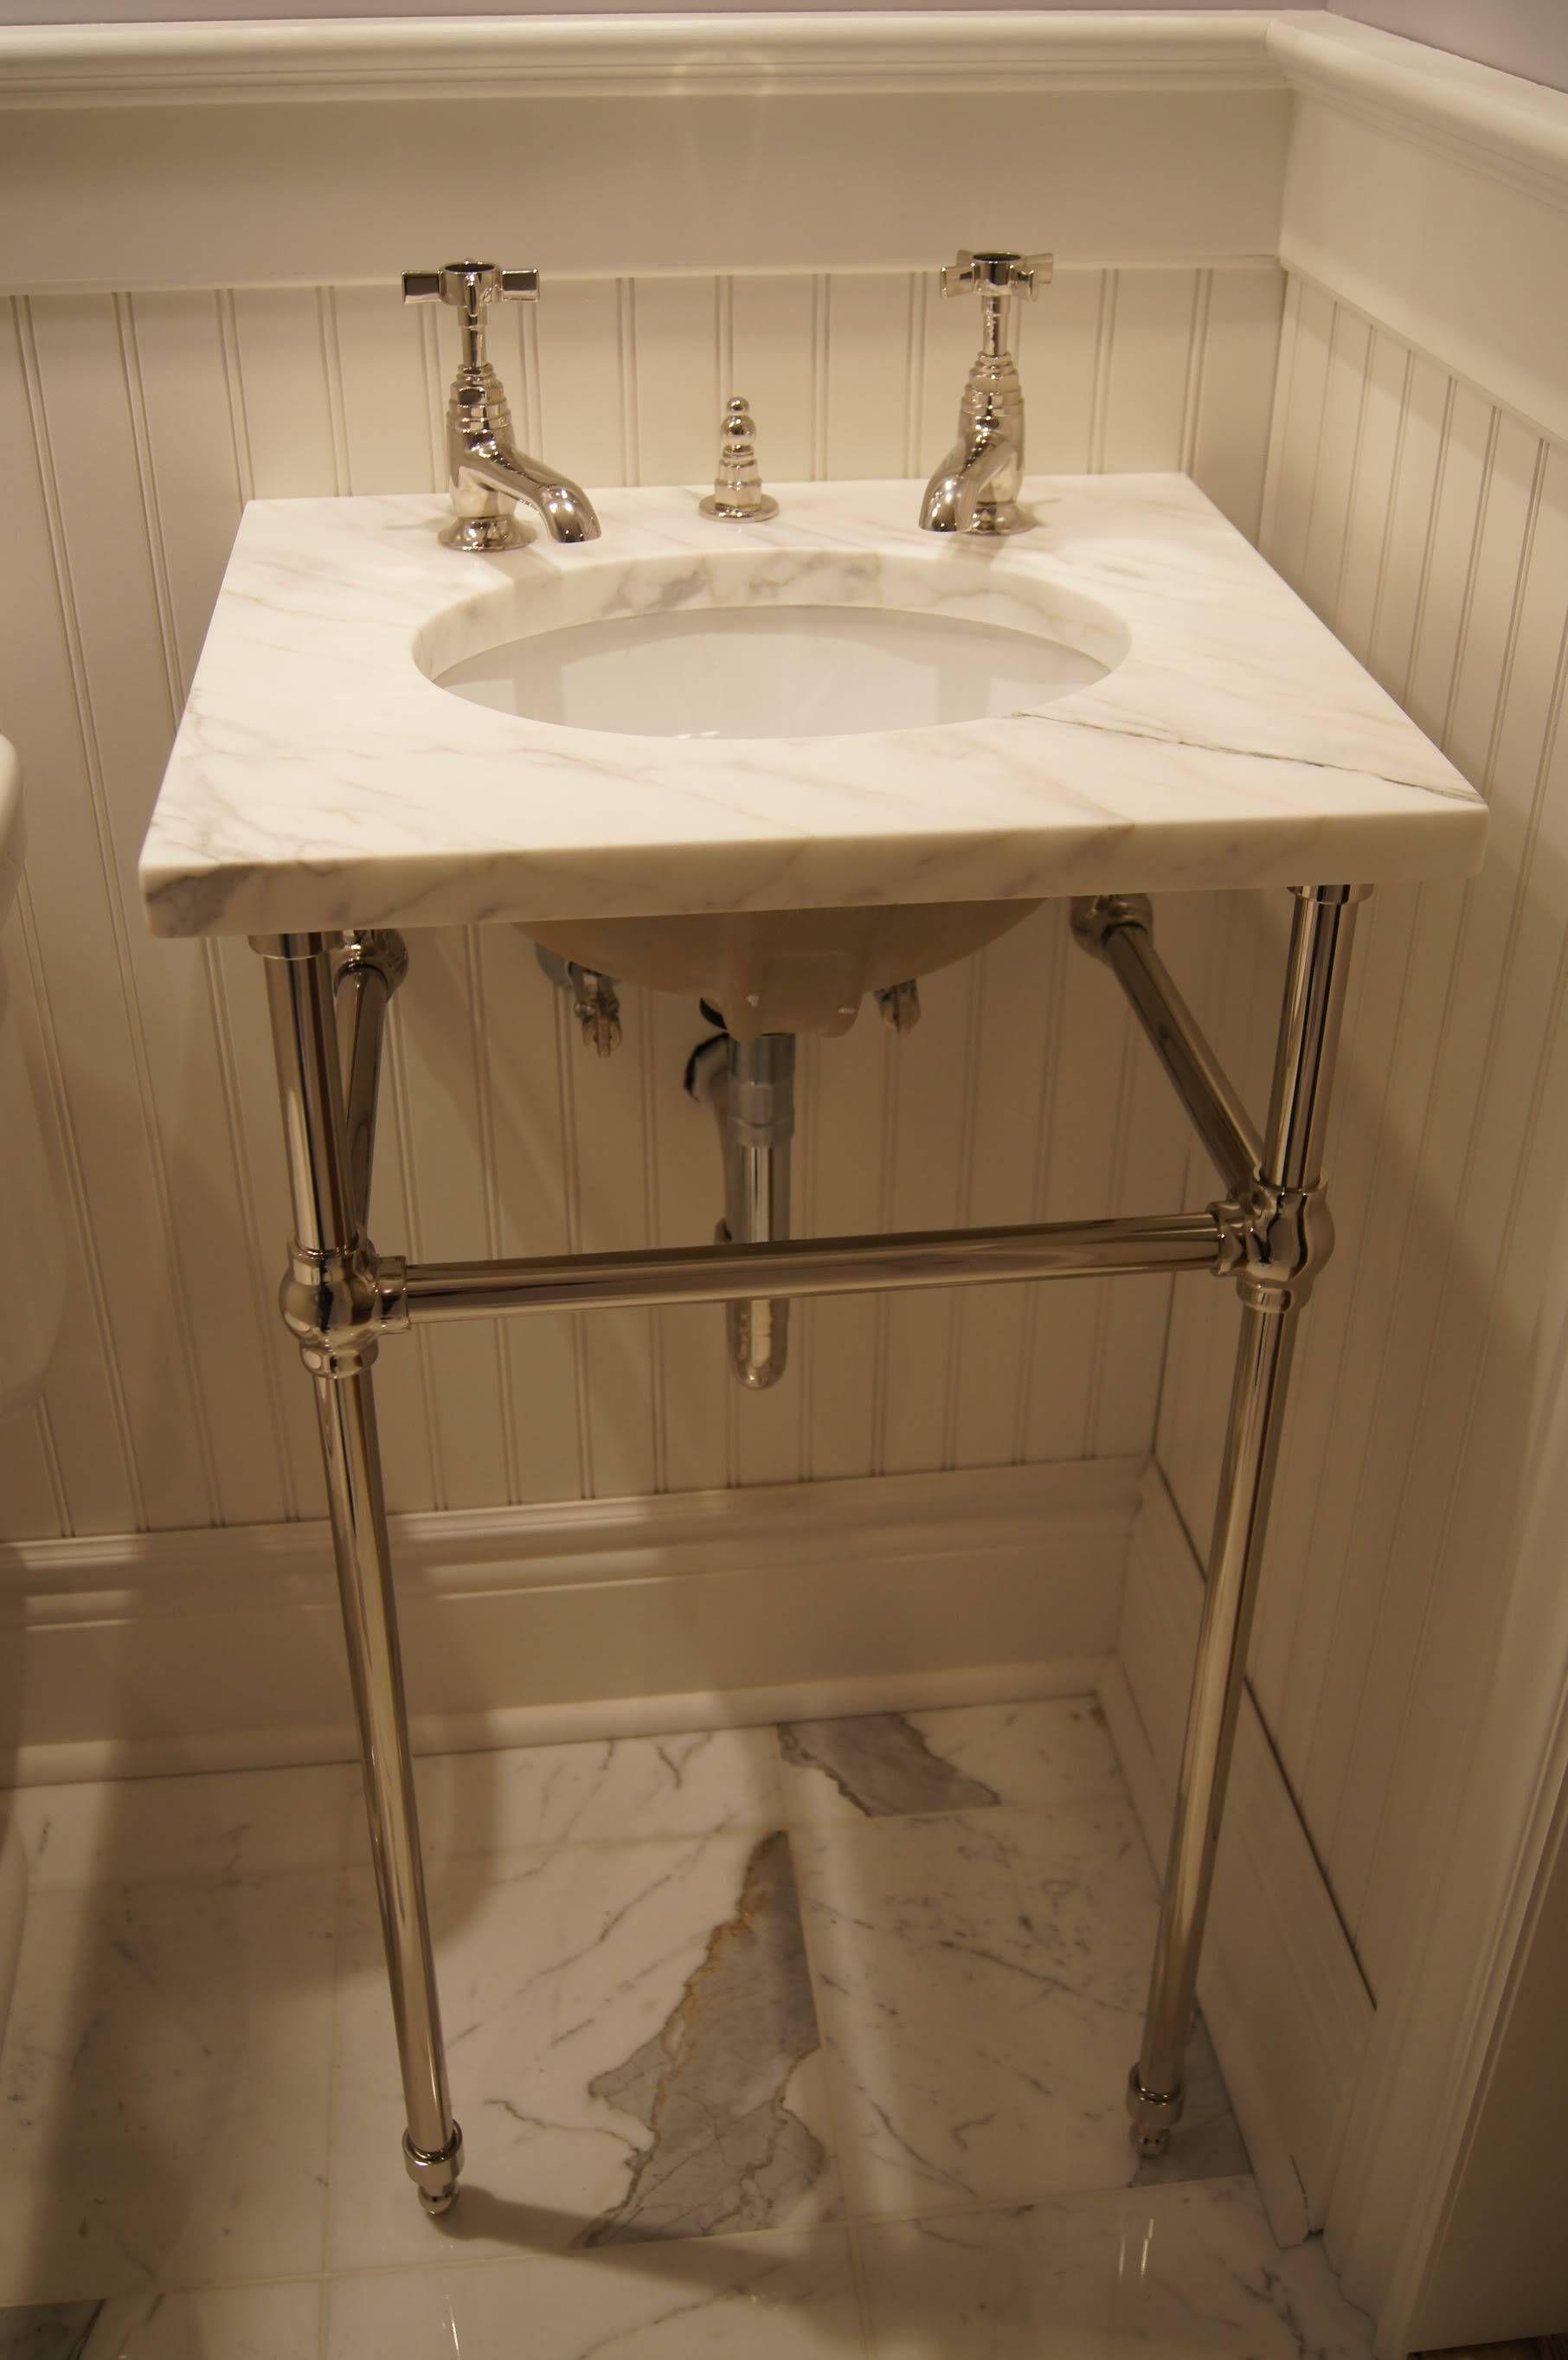 Pin By Ashley Riley On Bathroom 2nd Floor Small Bathroom Sinks Bathroom Console Powder Room Sink